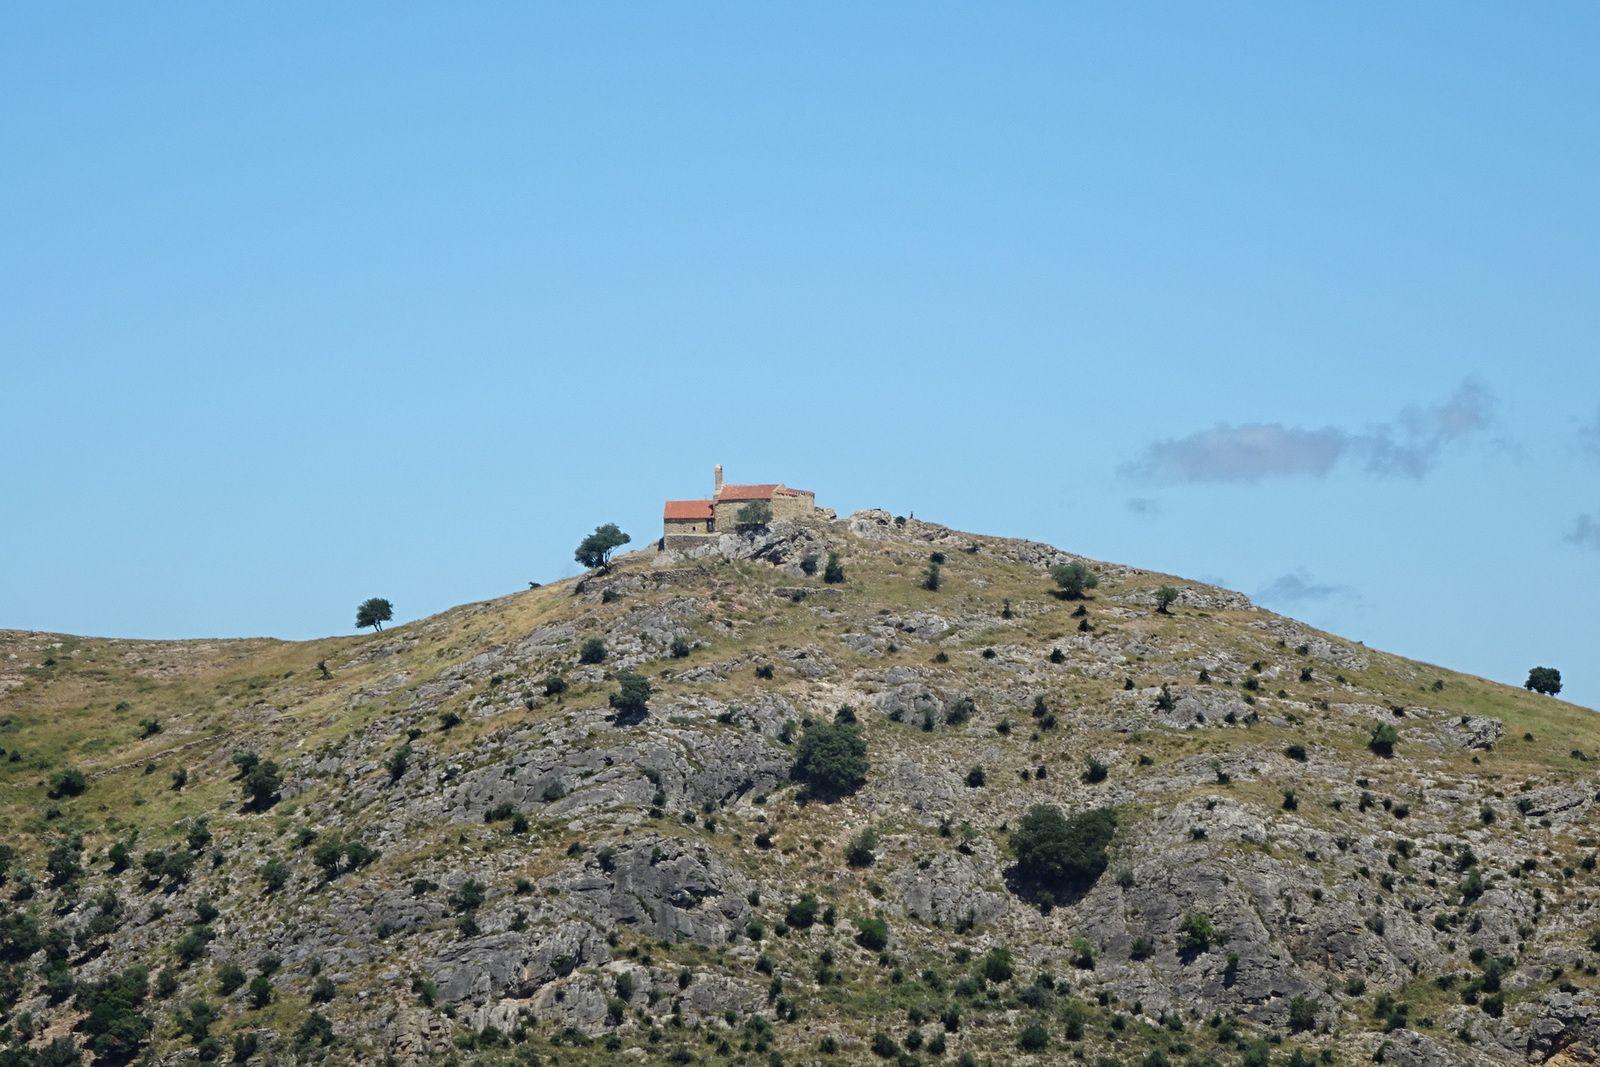 La fameuse chapelle Saint Martin, on en fait le tour également tout en restant à distance.